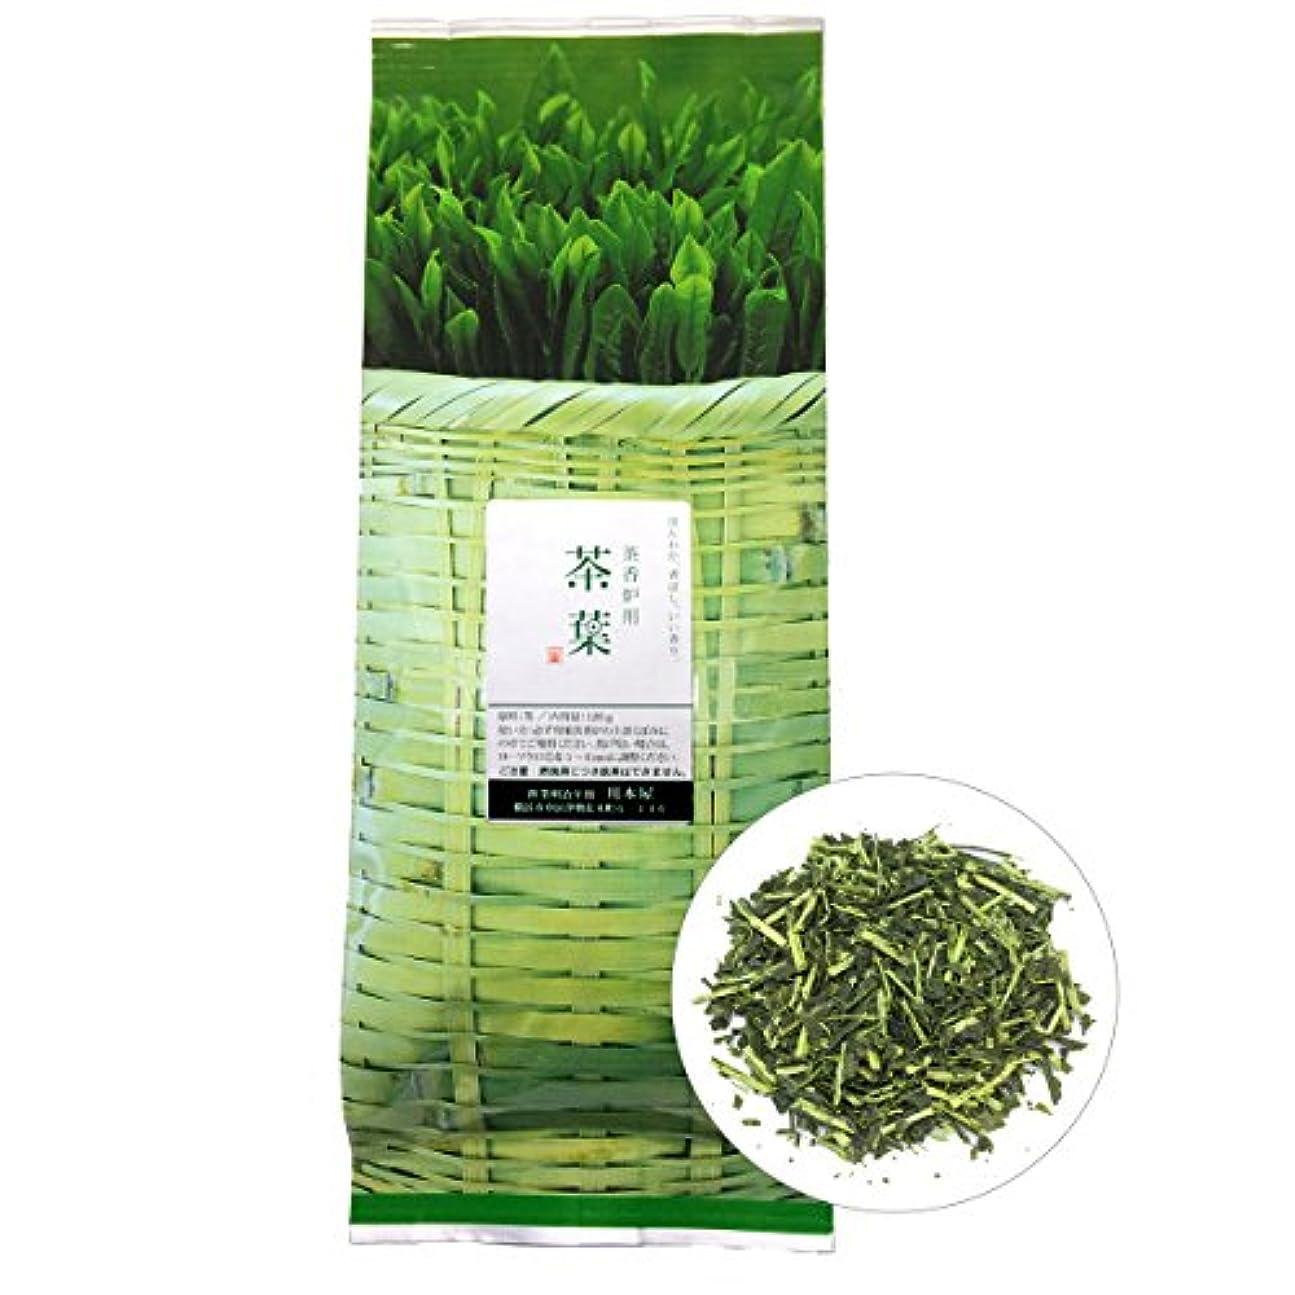 抵抗力がある誕生超越する国産 茶香炉専用 茶葉110g (1袋) 川本屋茶舗